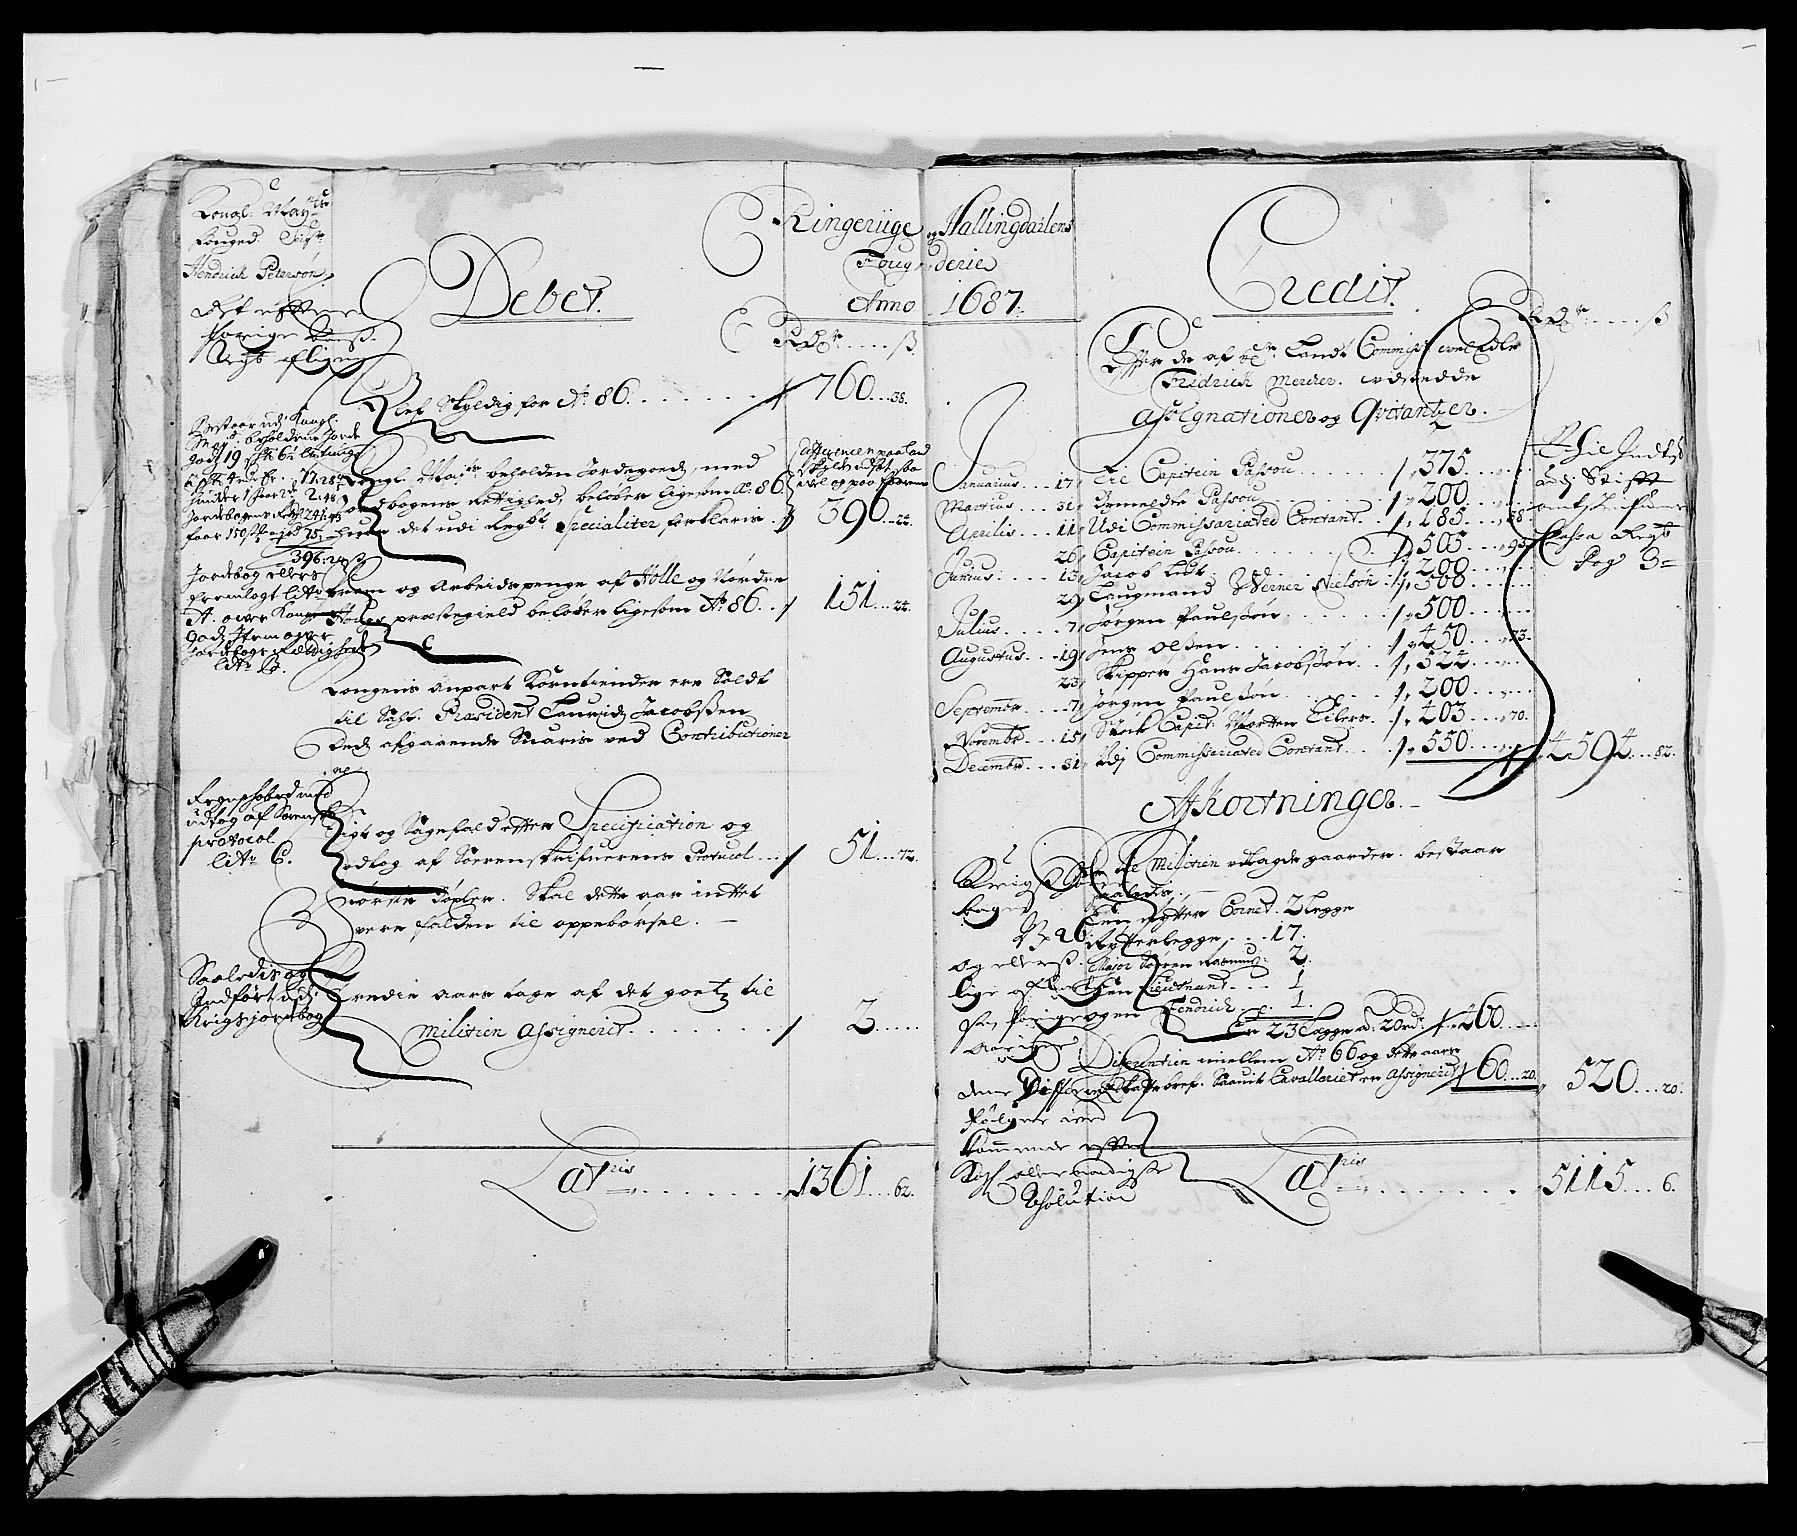 RA, Rentekammeret inntil 1814, Reviderte regnskaper, Fogderegnskap, R21/L1445: Fogderegnskap Ringerike og Hallingdal, 1681-1689, s. 23